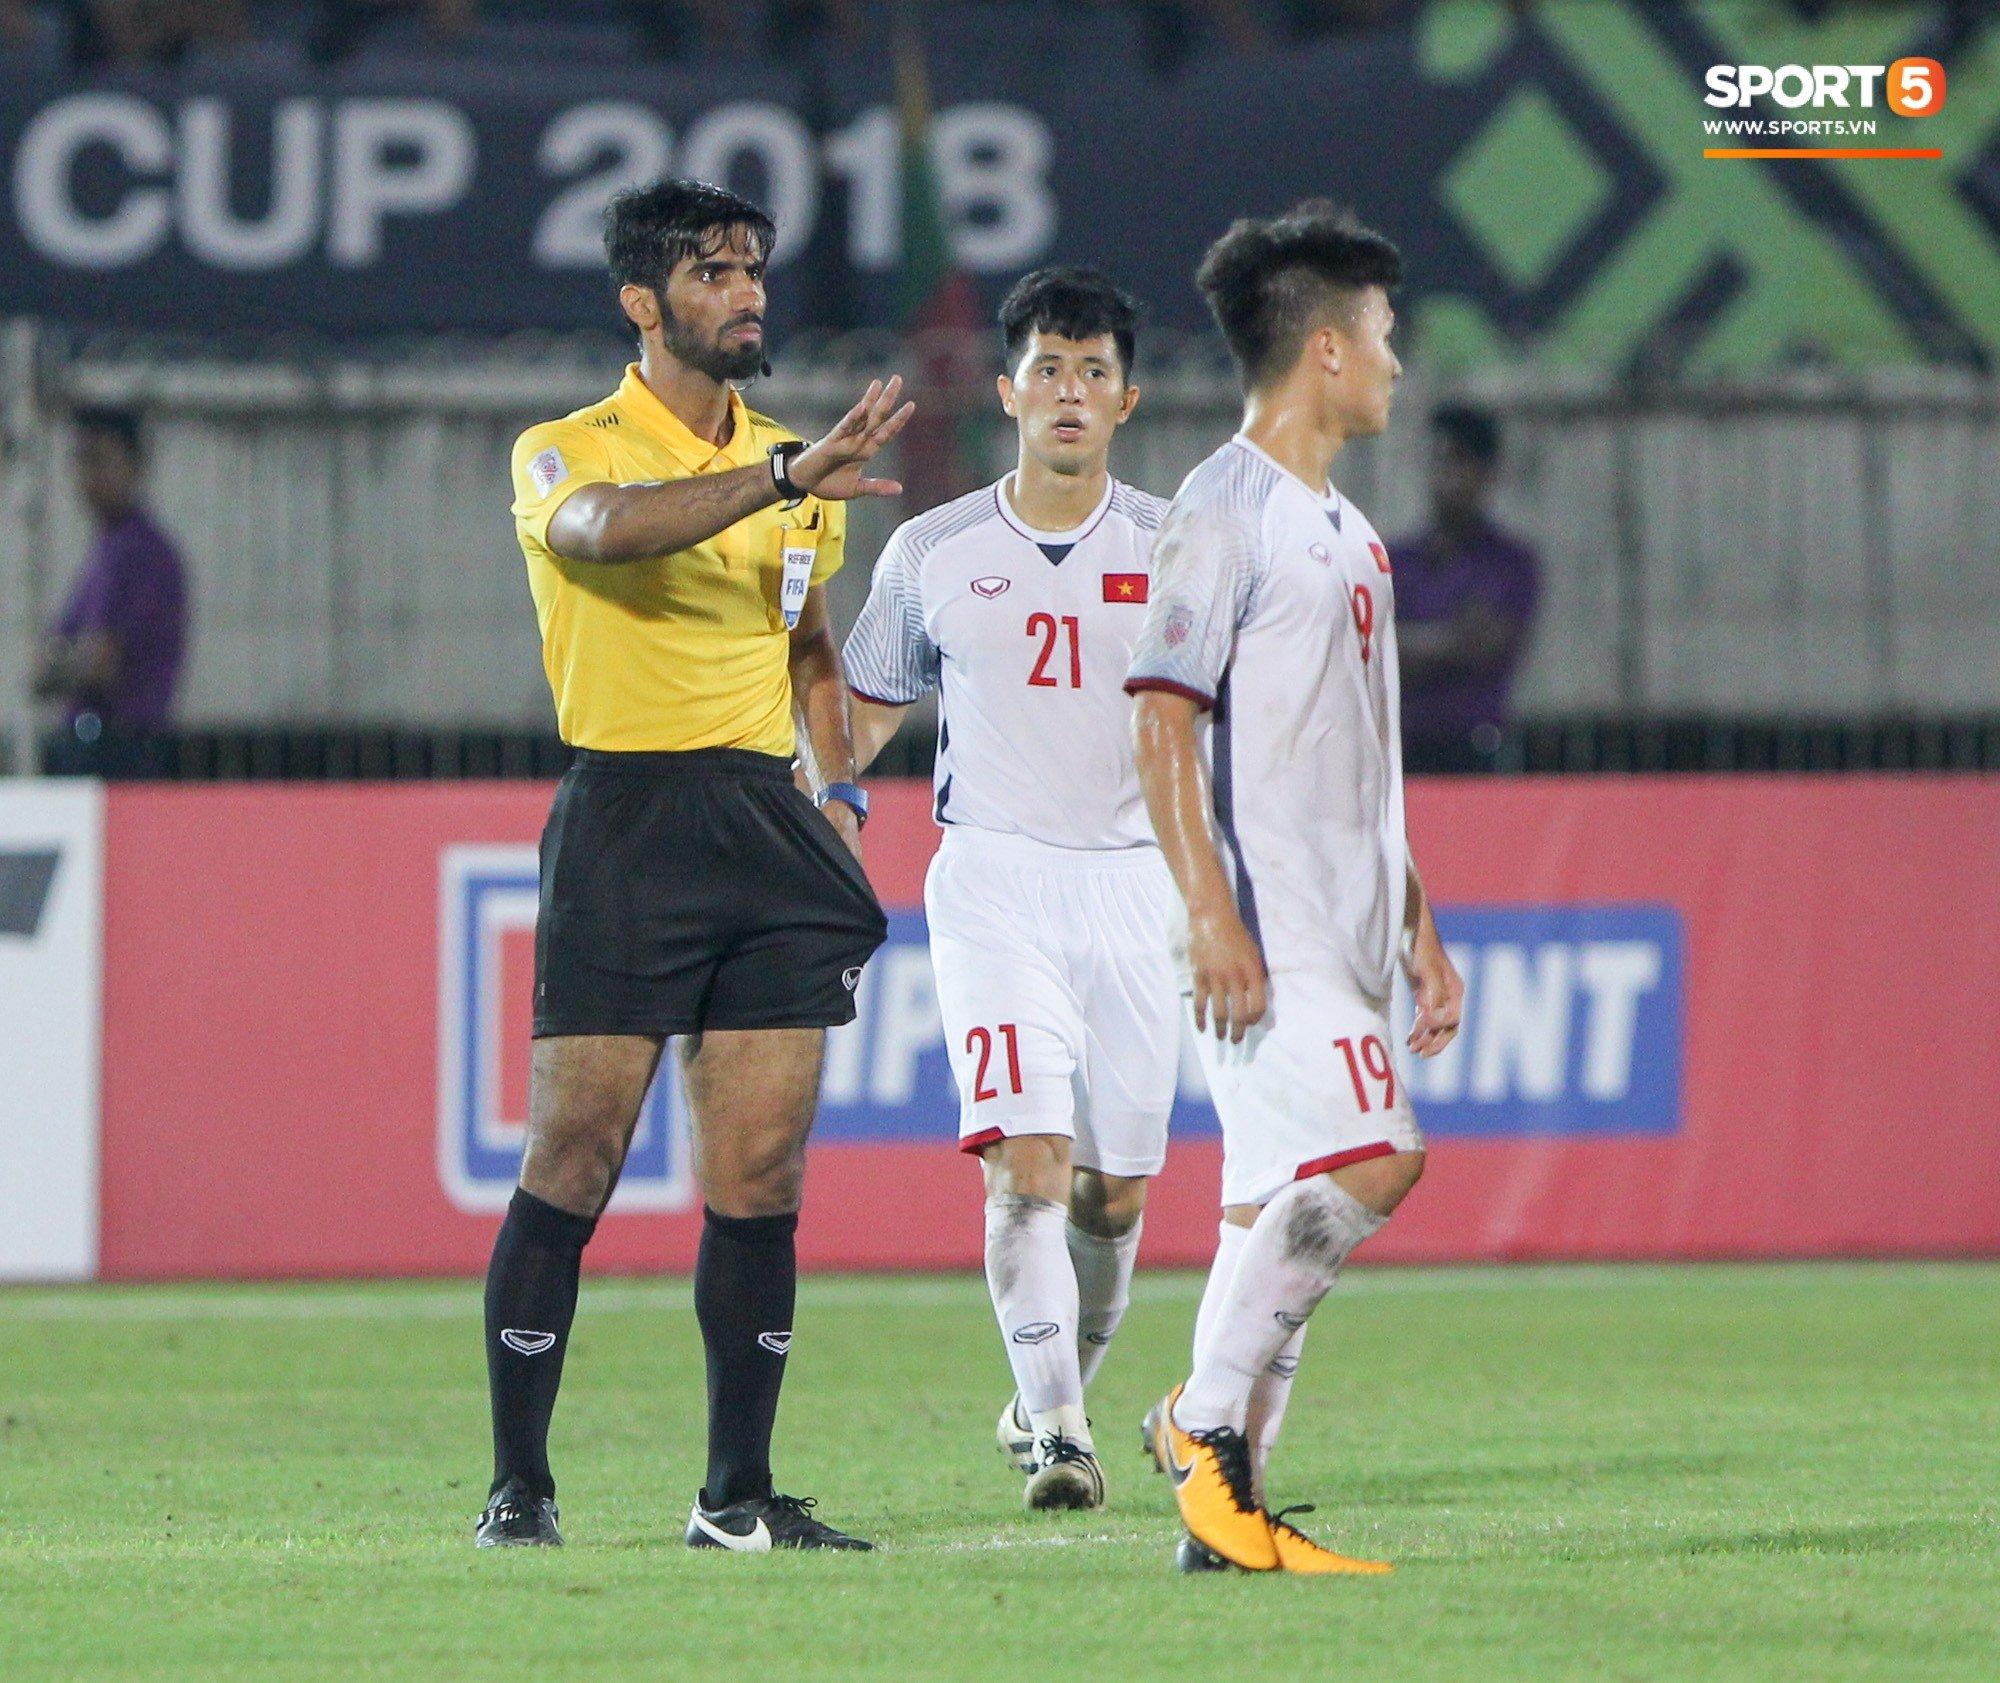 Đoàn Văn Hậu bất mãn, chỉ thẳng mặt trọng tài chính trận Myanmar vs Việt Nam 6